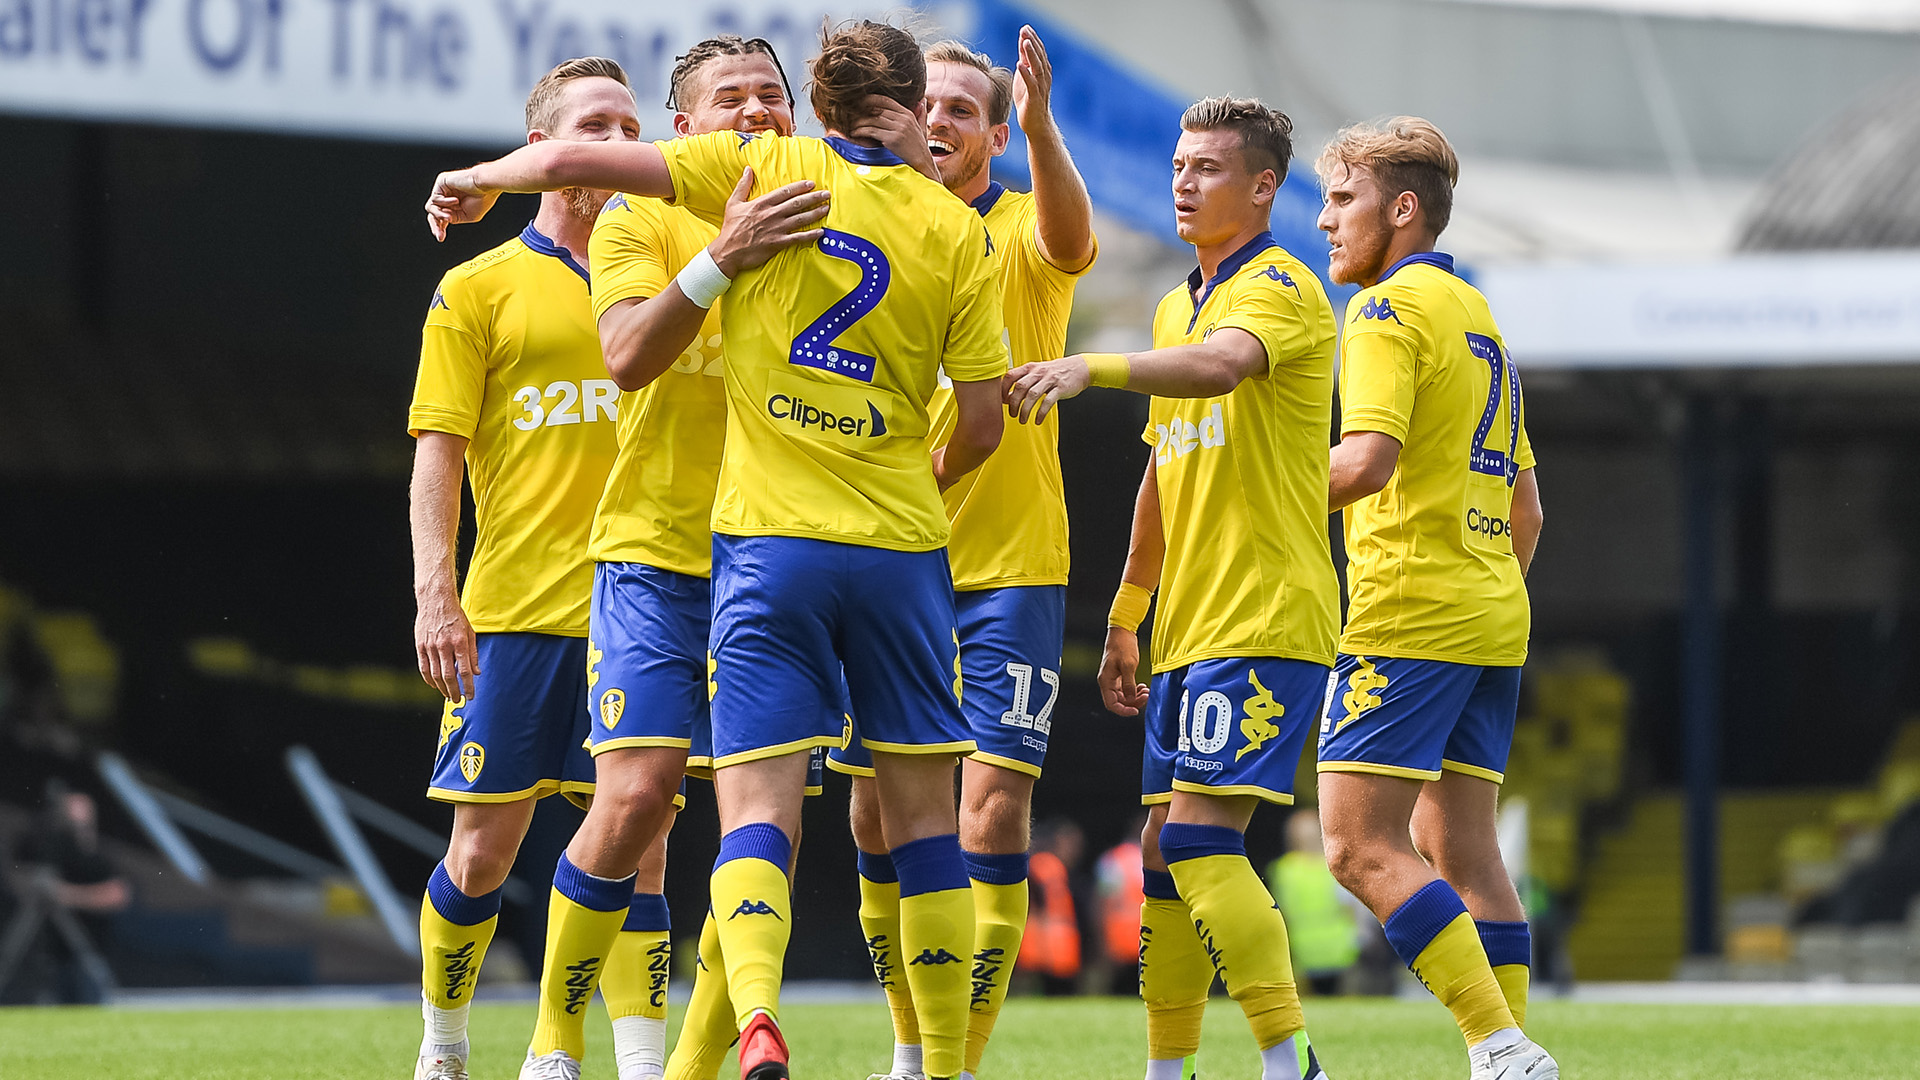 Luke Ayling celebrates scoring